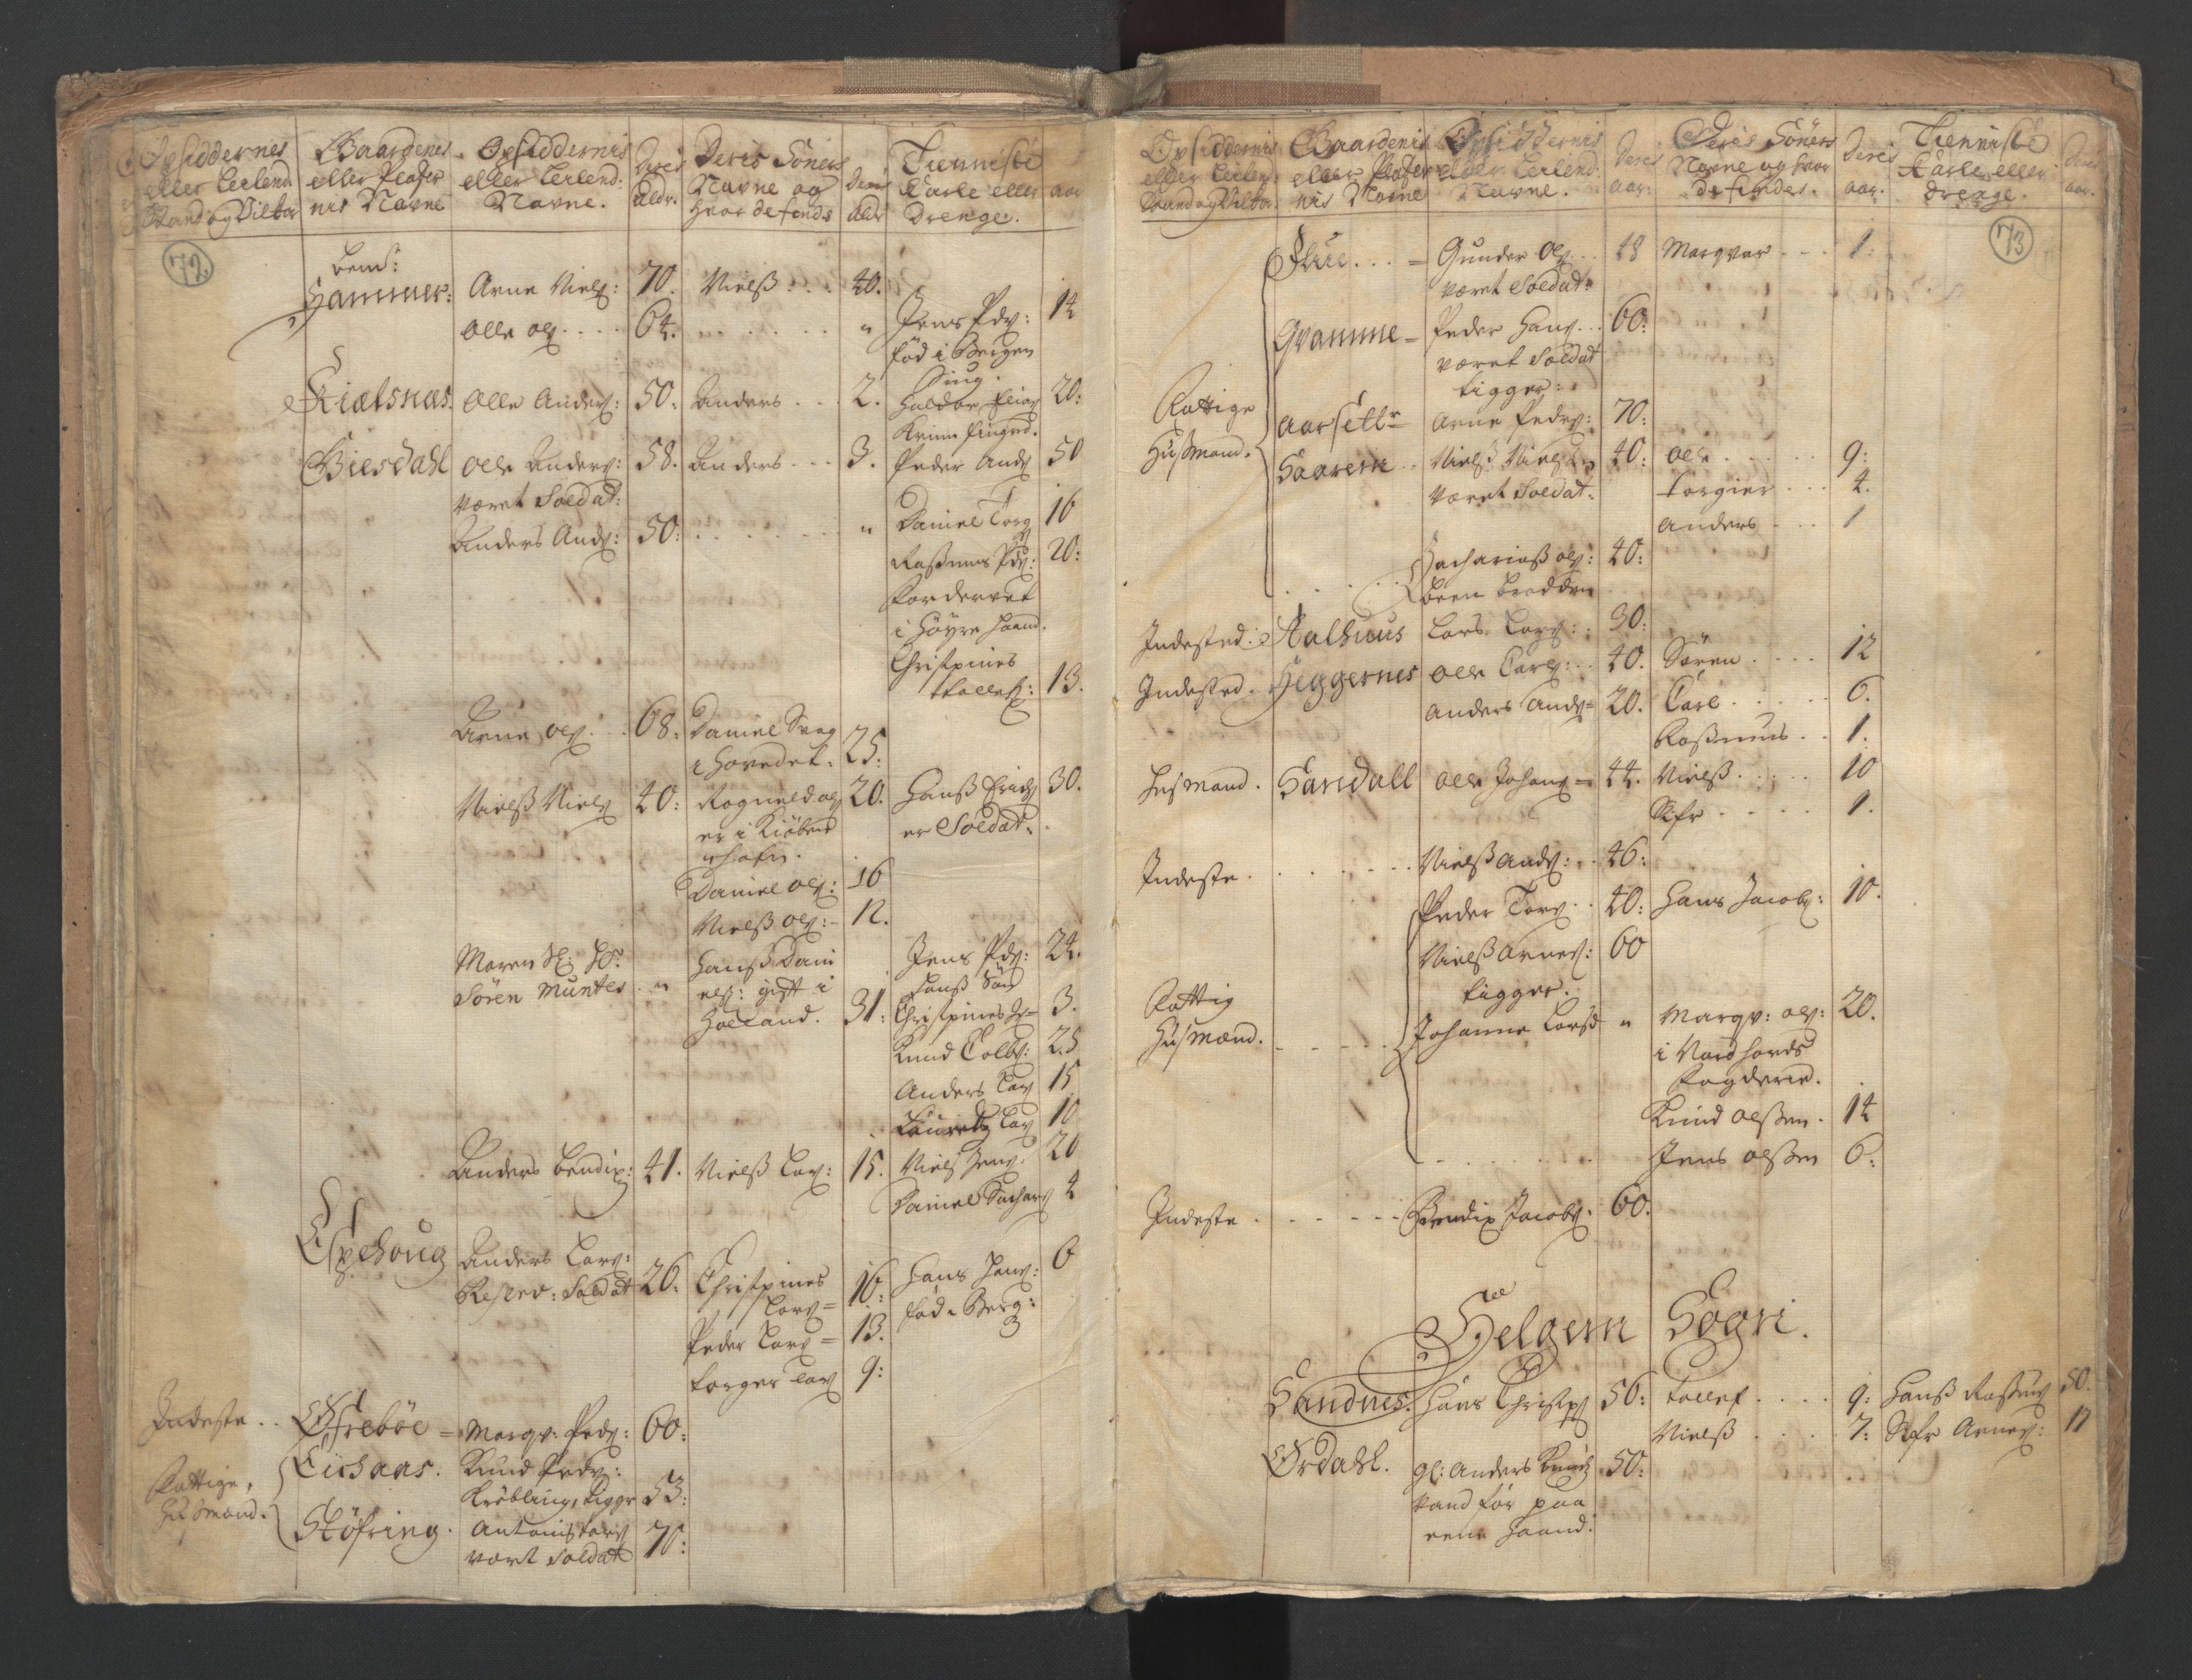 RA, Manntallet 1701, nr. 9: Sunnfjord fogderi, Nordfjord fogderi og Svanø birk, 1701, s. 72-73